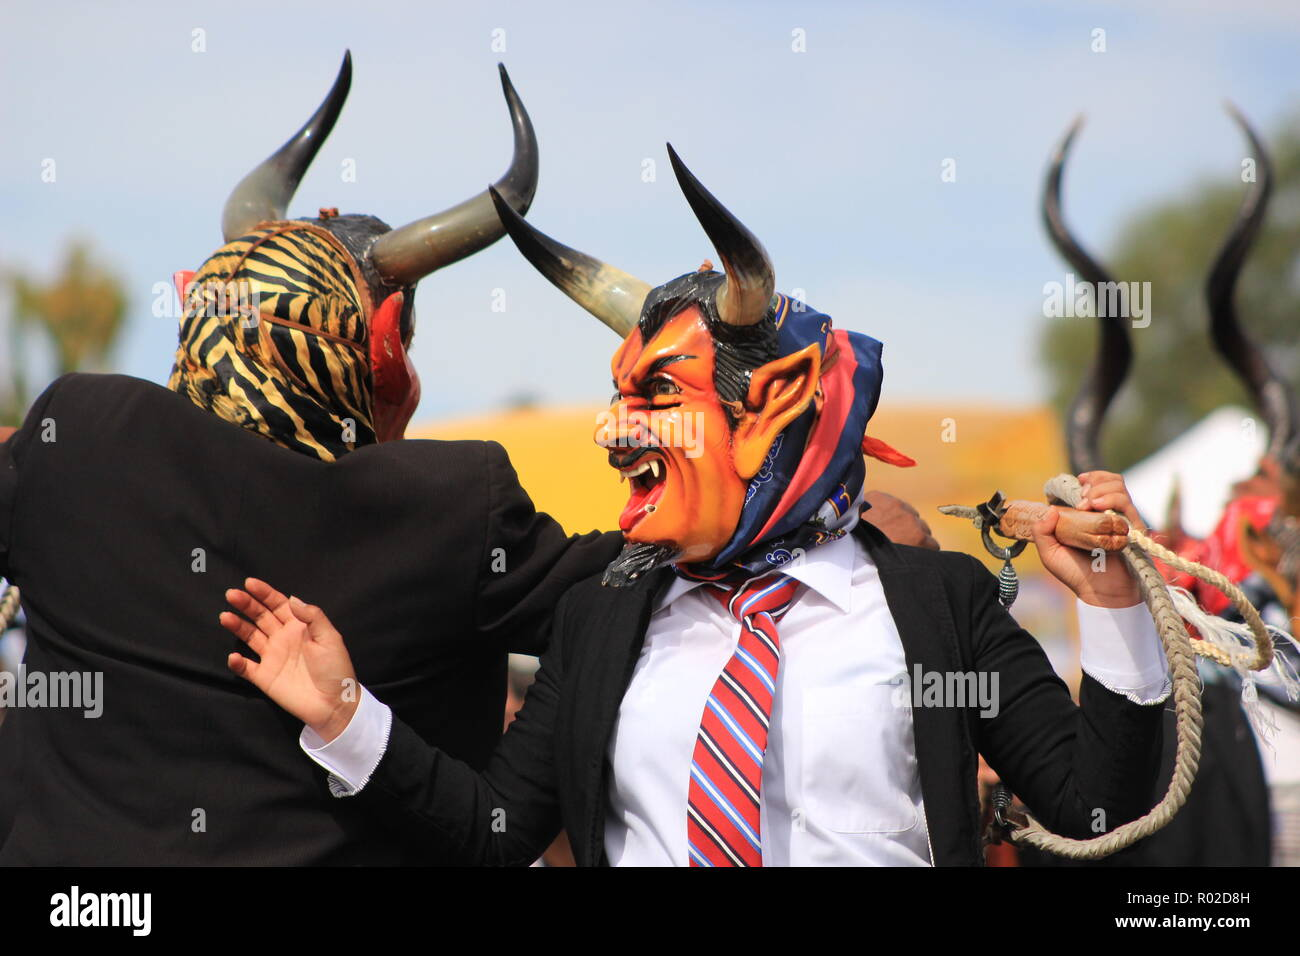 Los hombres que realizan la danza de los Diablos (danza de los diablos o diablada) en el evento del Día de los Muertos Imagen De Stock